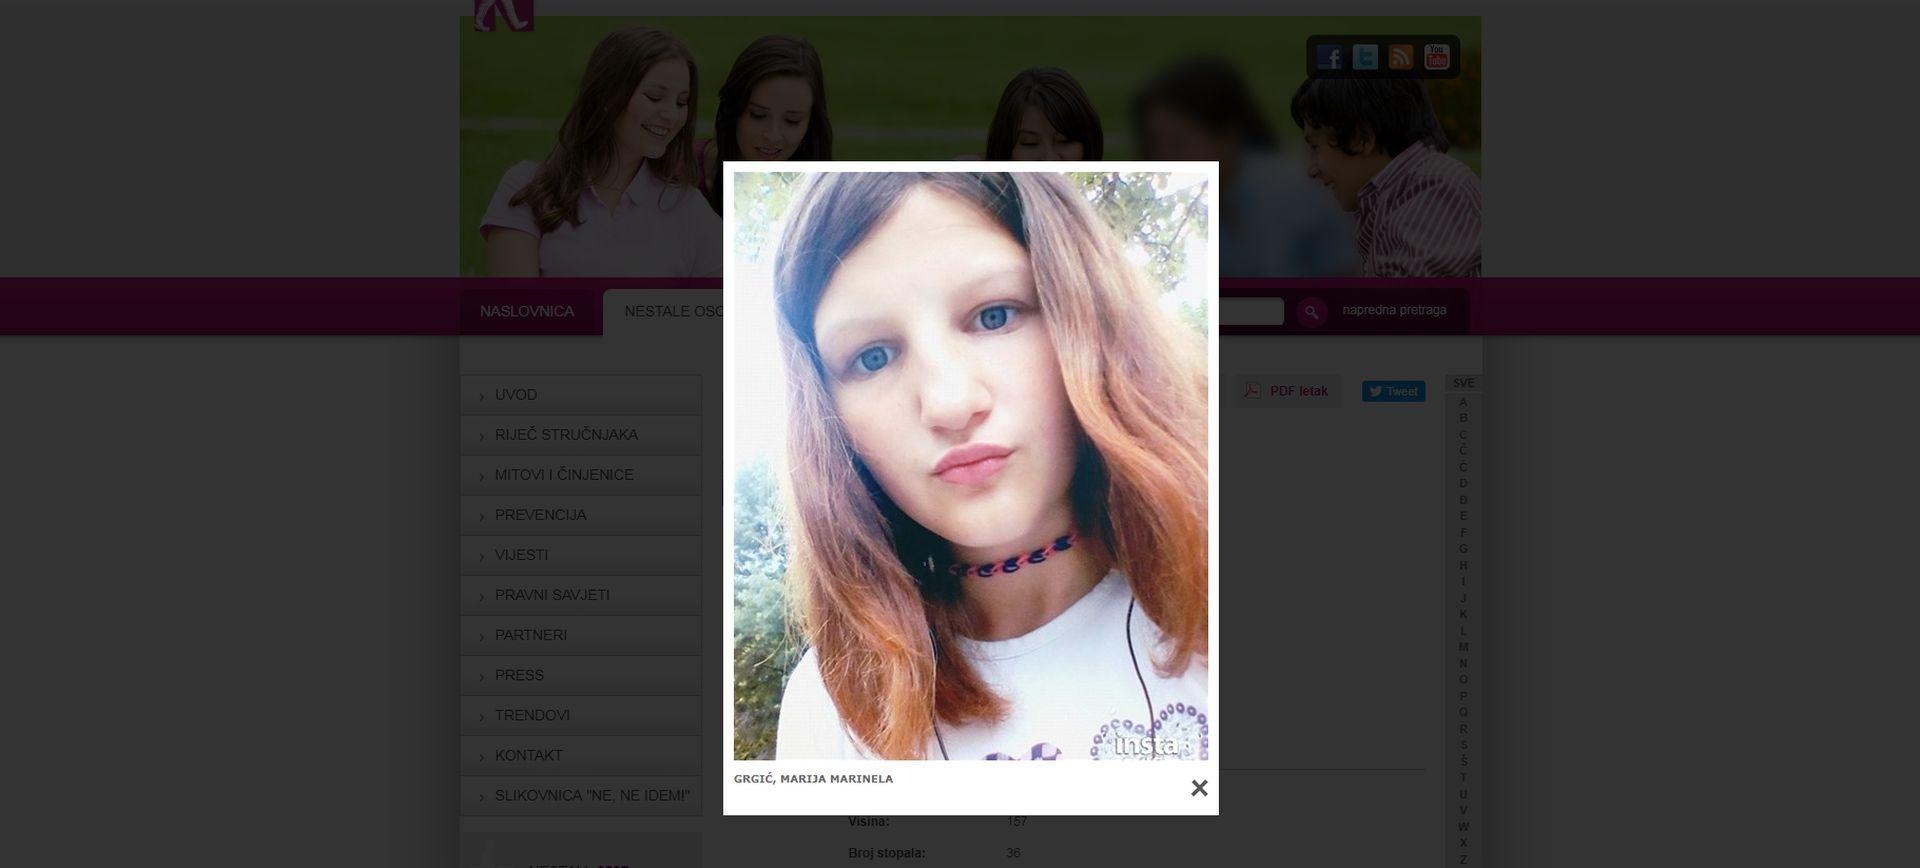 SPLITSKA POLICIJA Nestala 14-godišnjakinja pronađena neozlijeđena